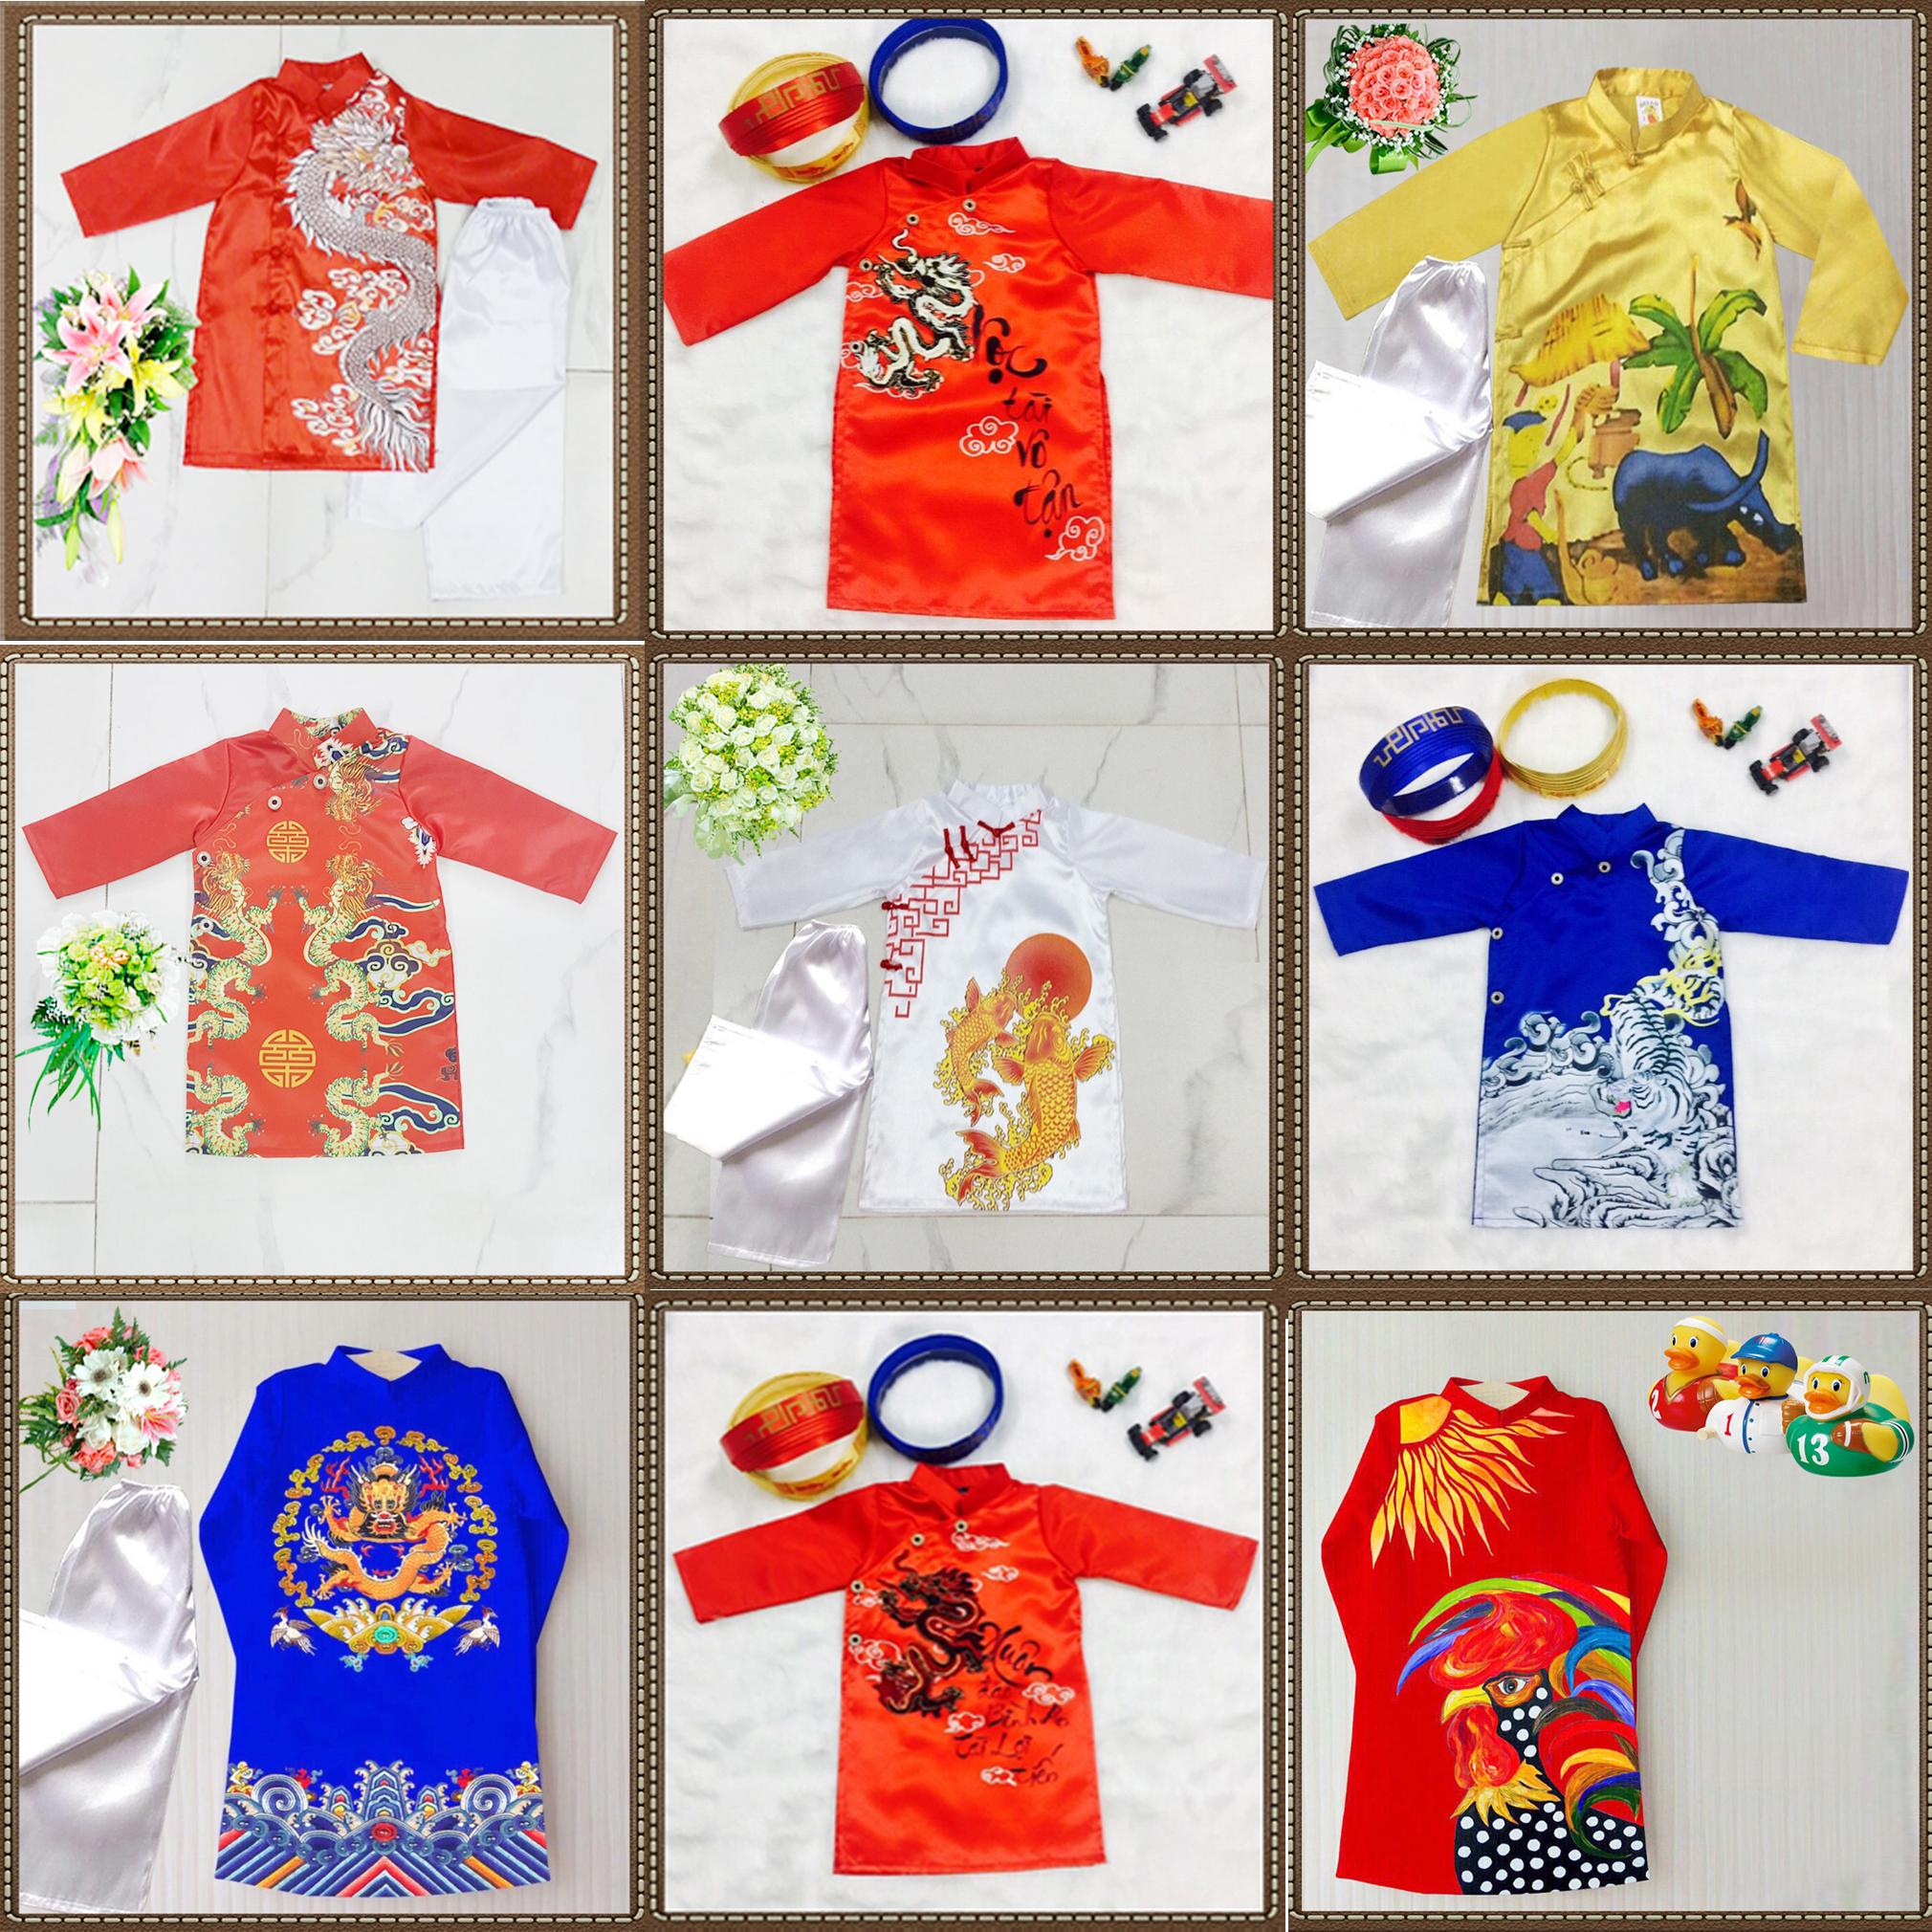 1 Chuyên sàn xuất-cung cấp sỉ áo dài truyền thống, áo dài cách tân Trẻ em